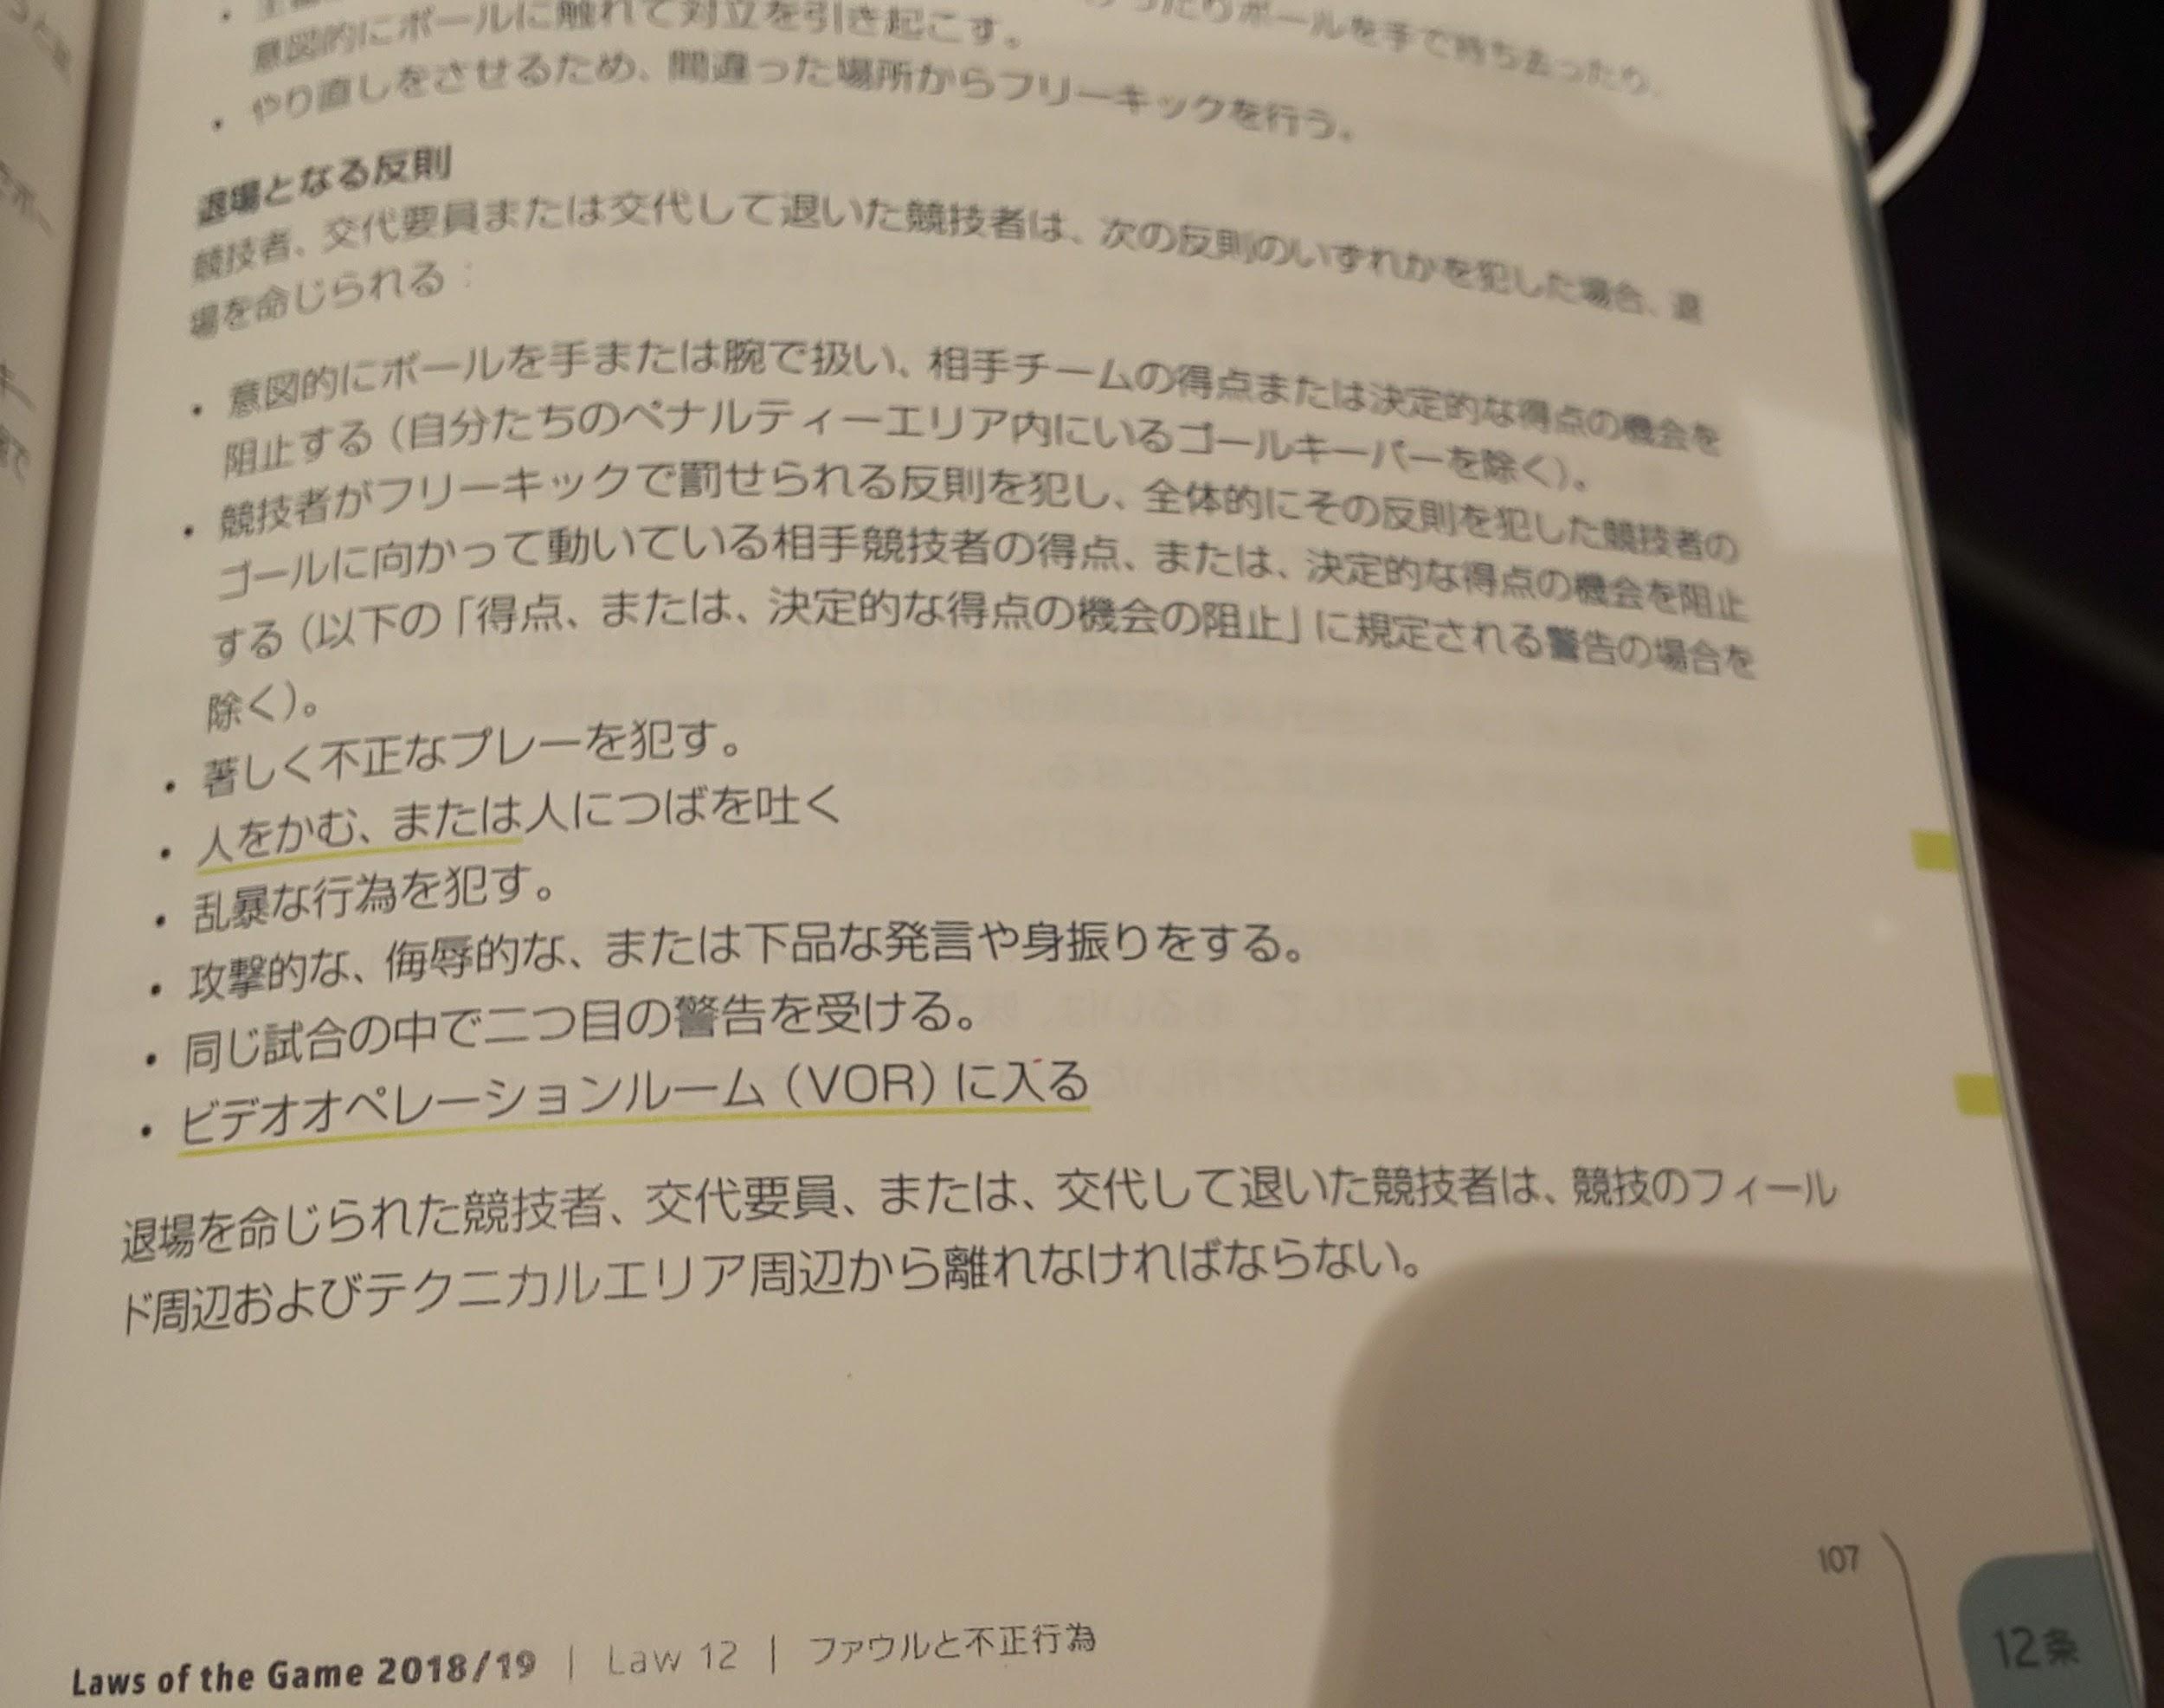 18-19ルールブックに記載されている退場に値する行為。